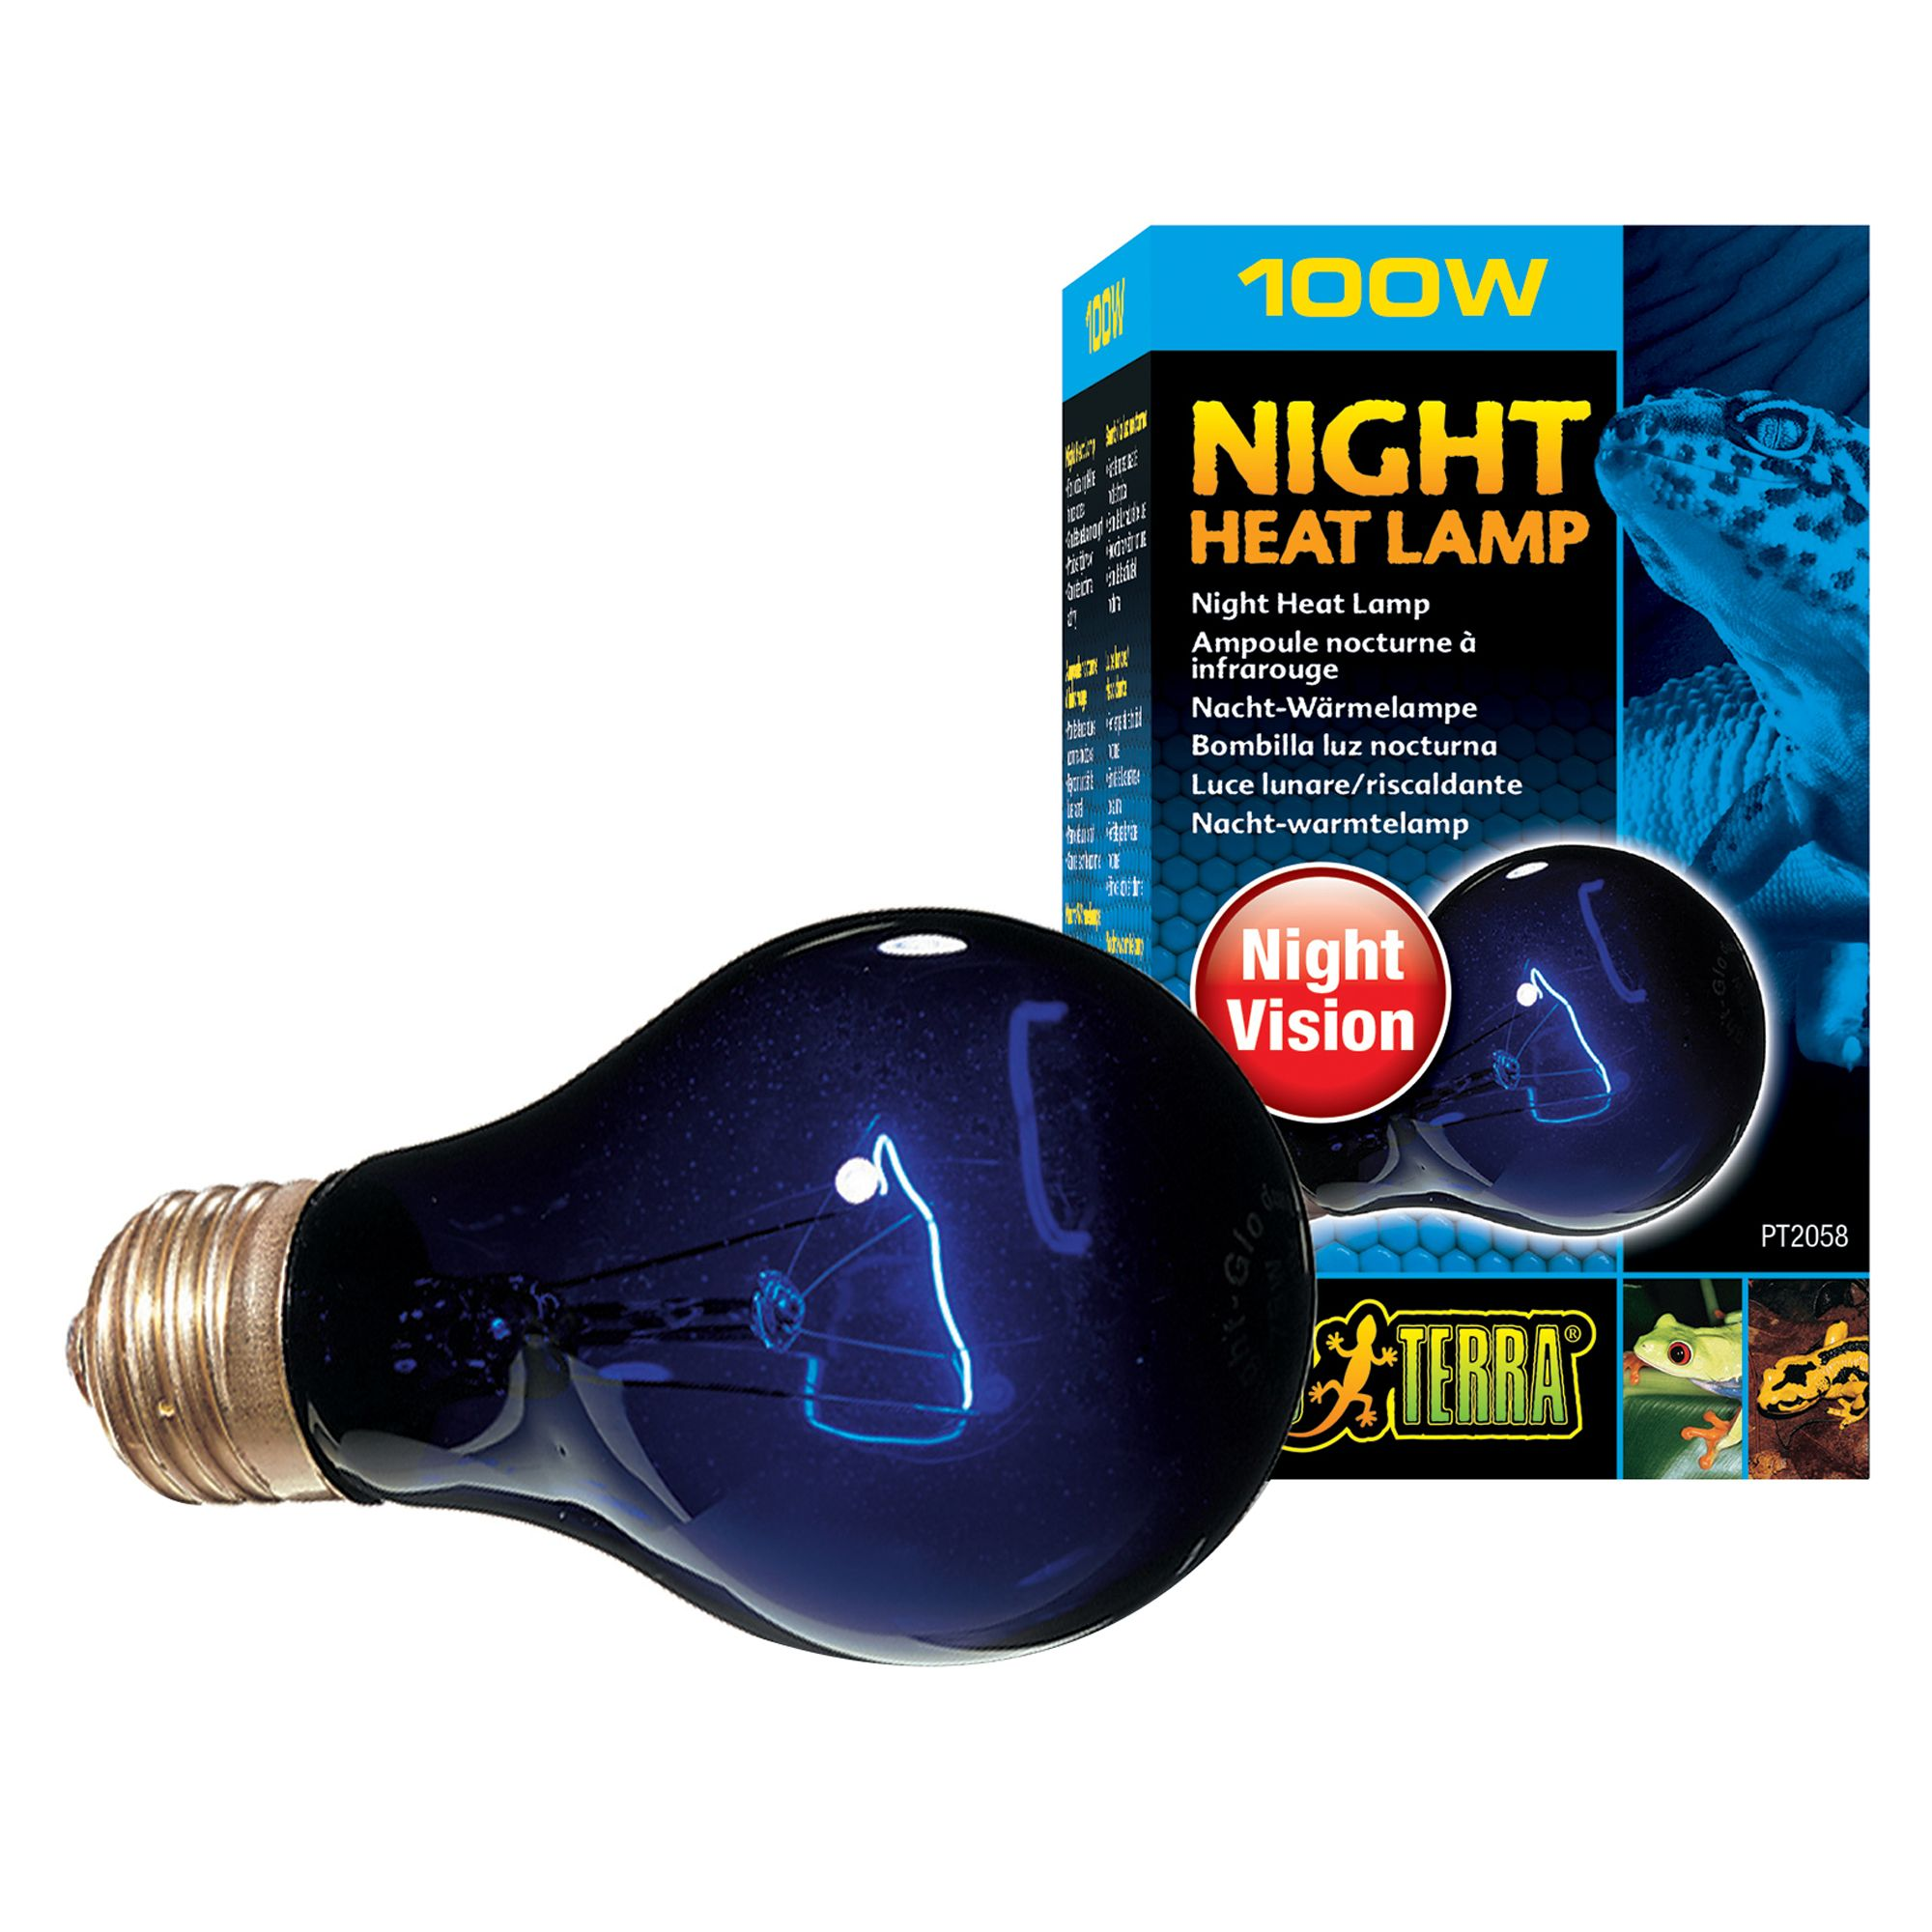 Exo Terra® Night Heat Lamp | reptile Bulbs & Lamps | PetSmart